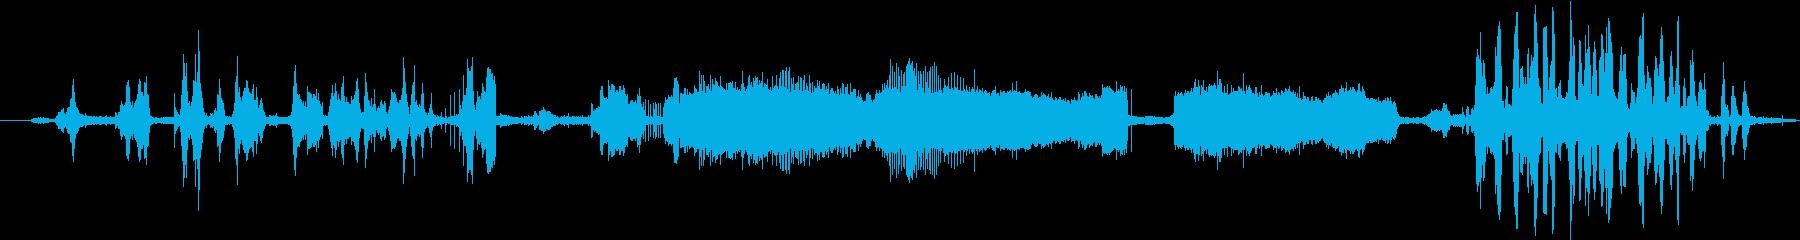 イルカのグループ:水上、声、クジラ...の再生済みの波形